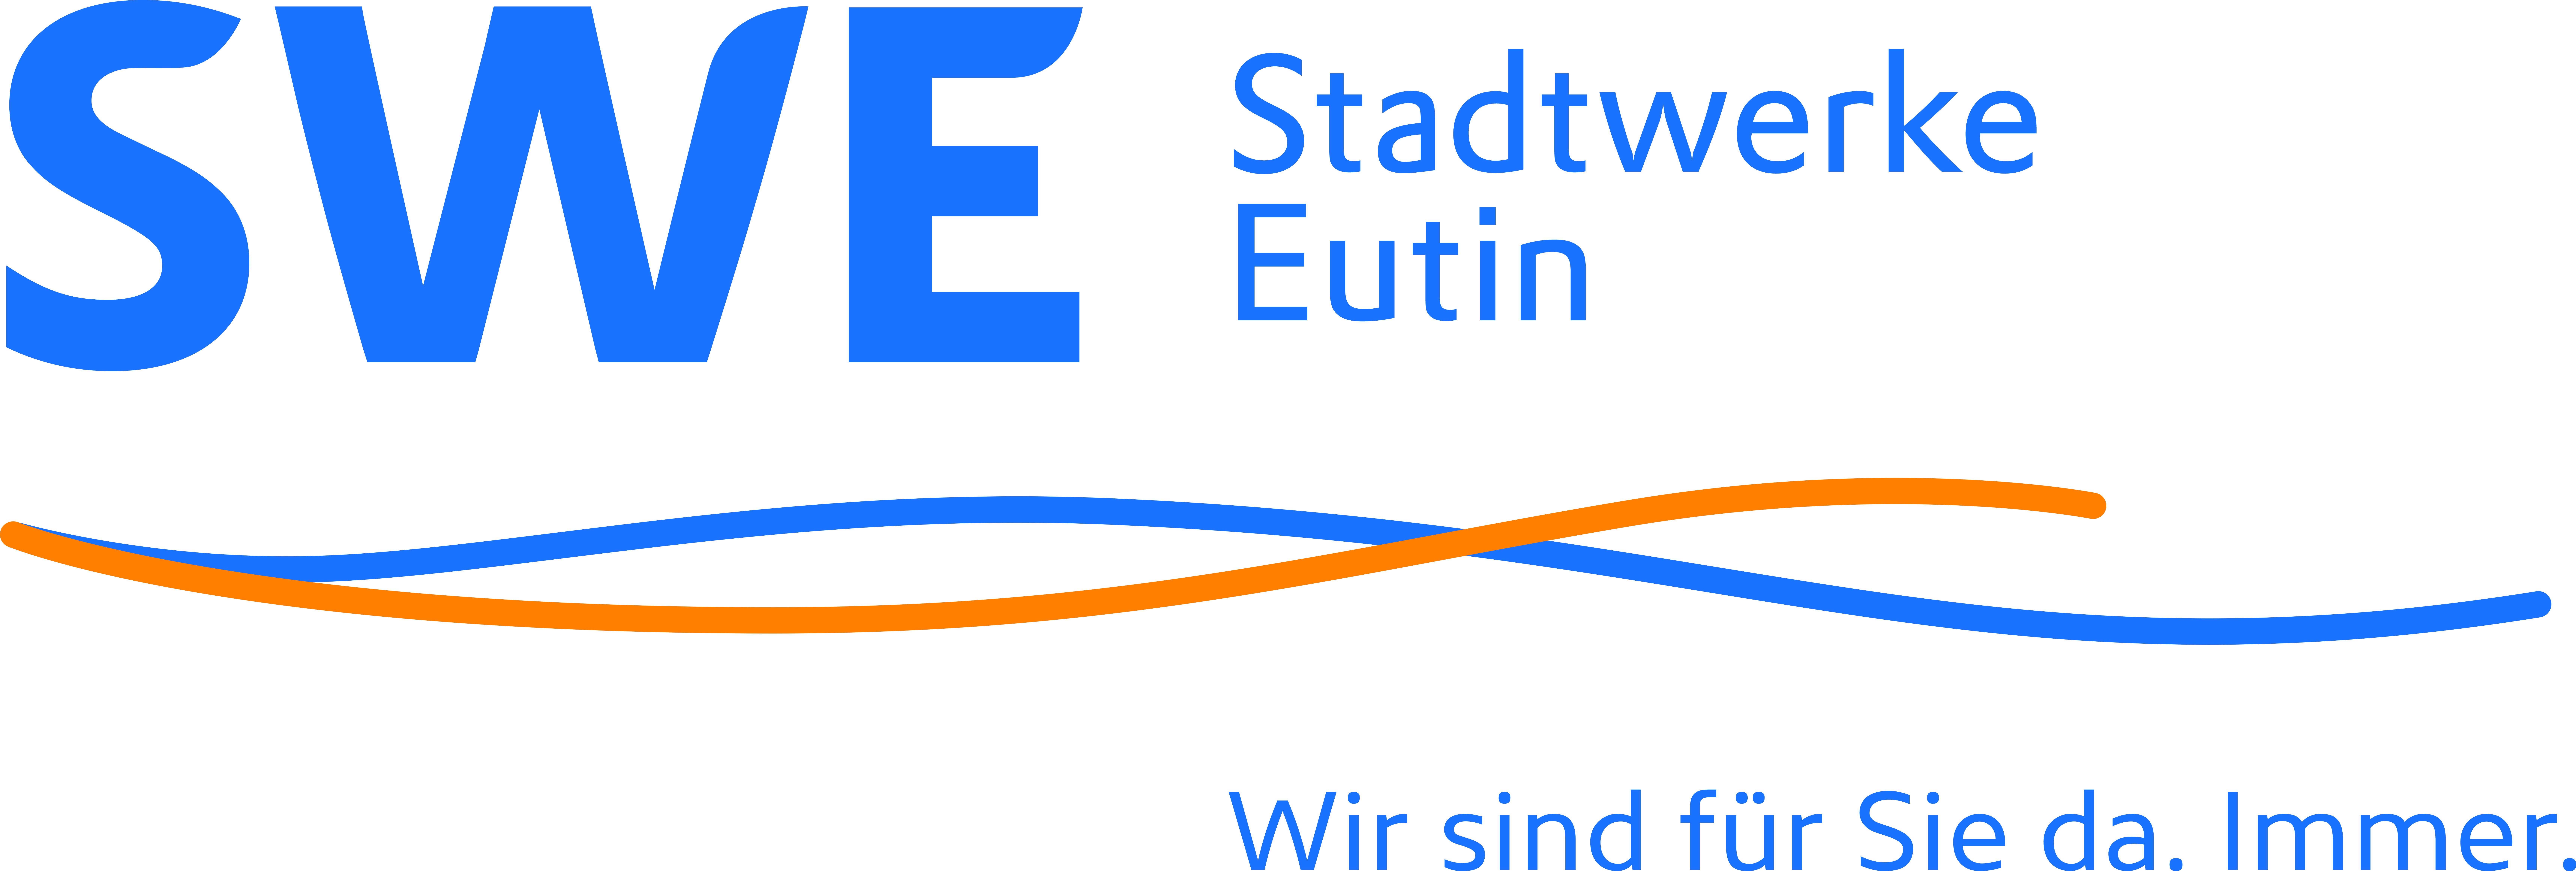 Stadtwerke Eutin GmbH